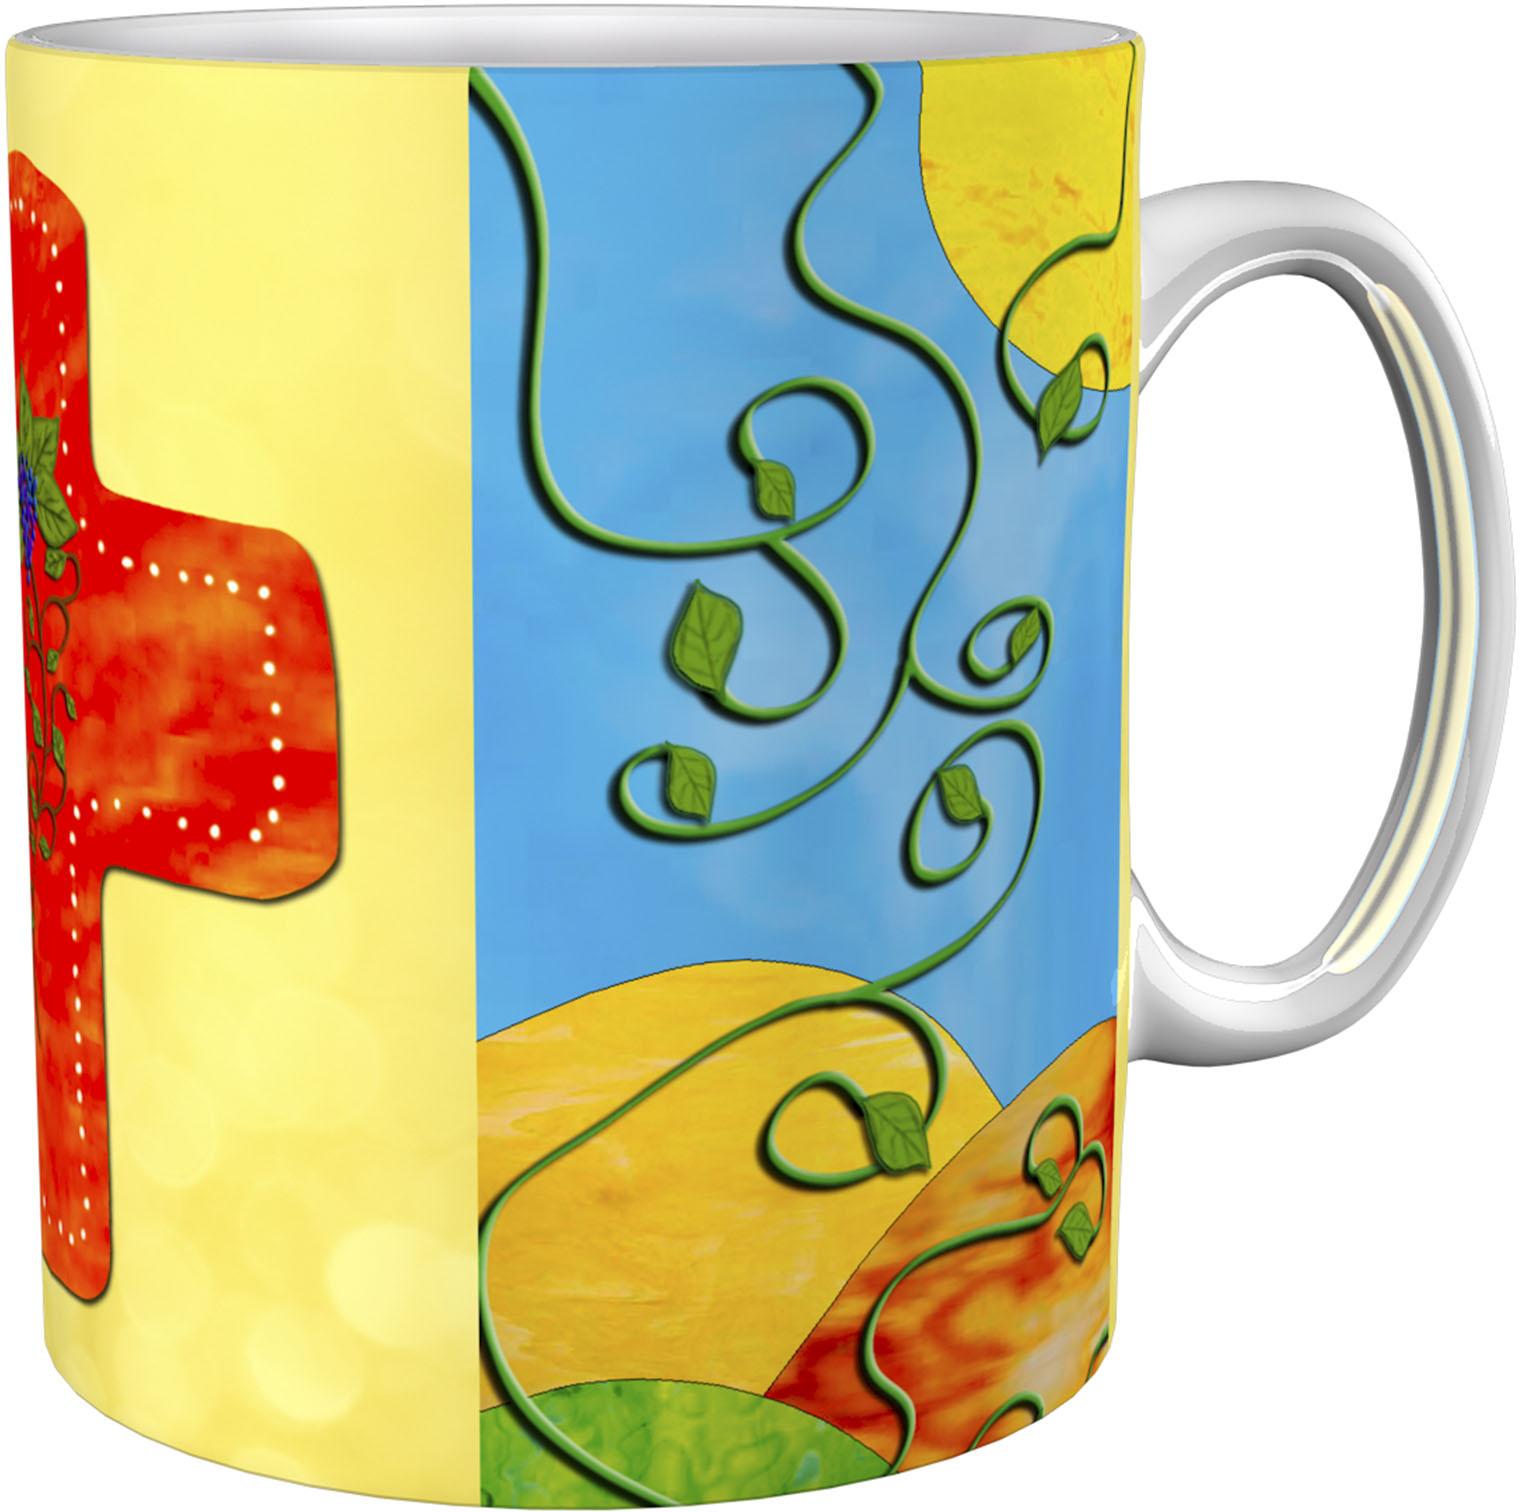 Kaffeetasse / Kaffeebecher / Kreuz / Weinstock / Christlich